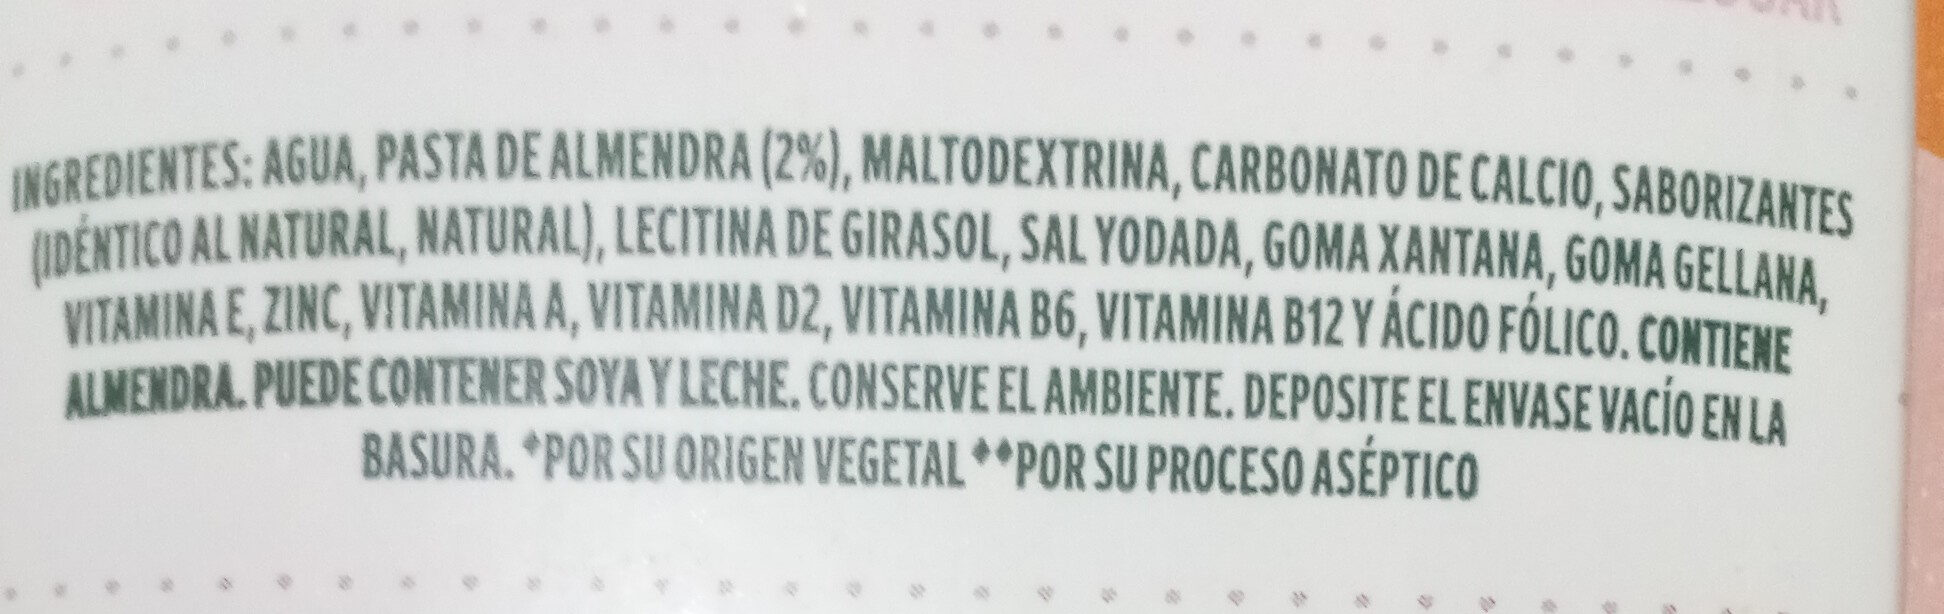 Leche de almendras - Ingredientes - es